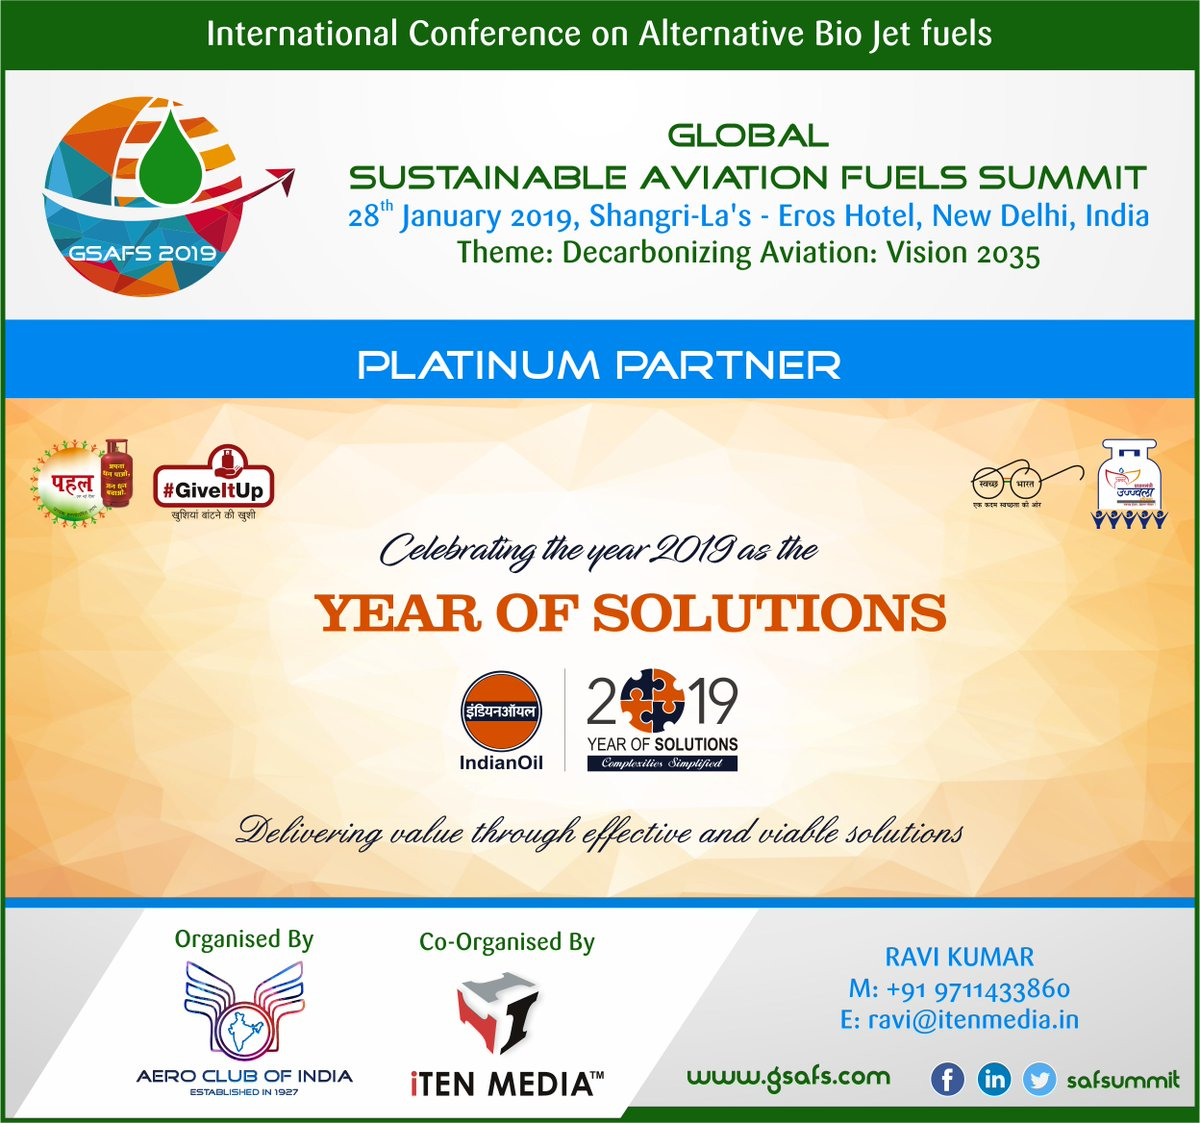 Global Sustainable Aviation Fuel Summit 2019 (@safsummit) | Twitter